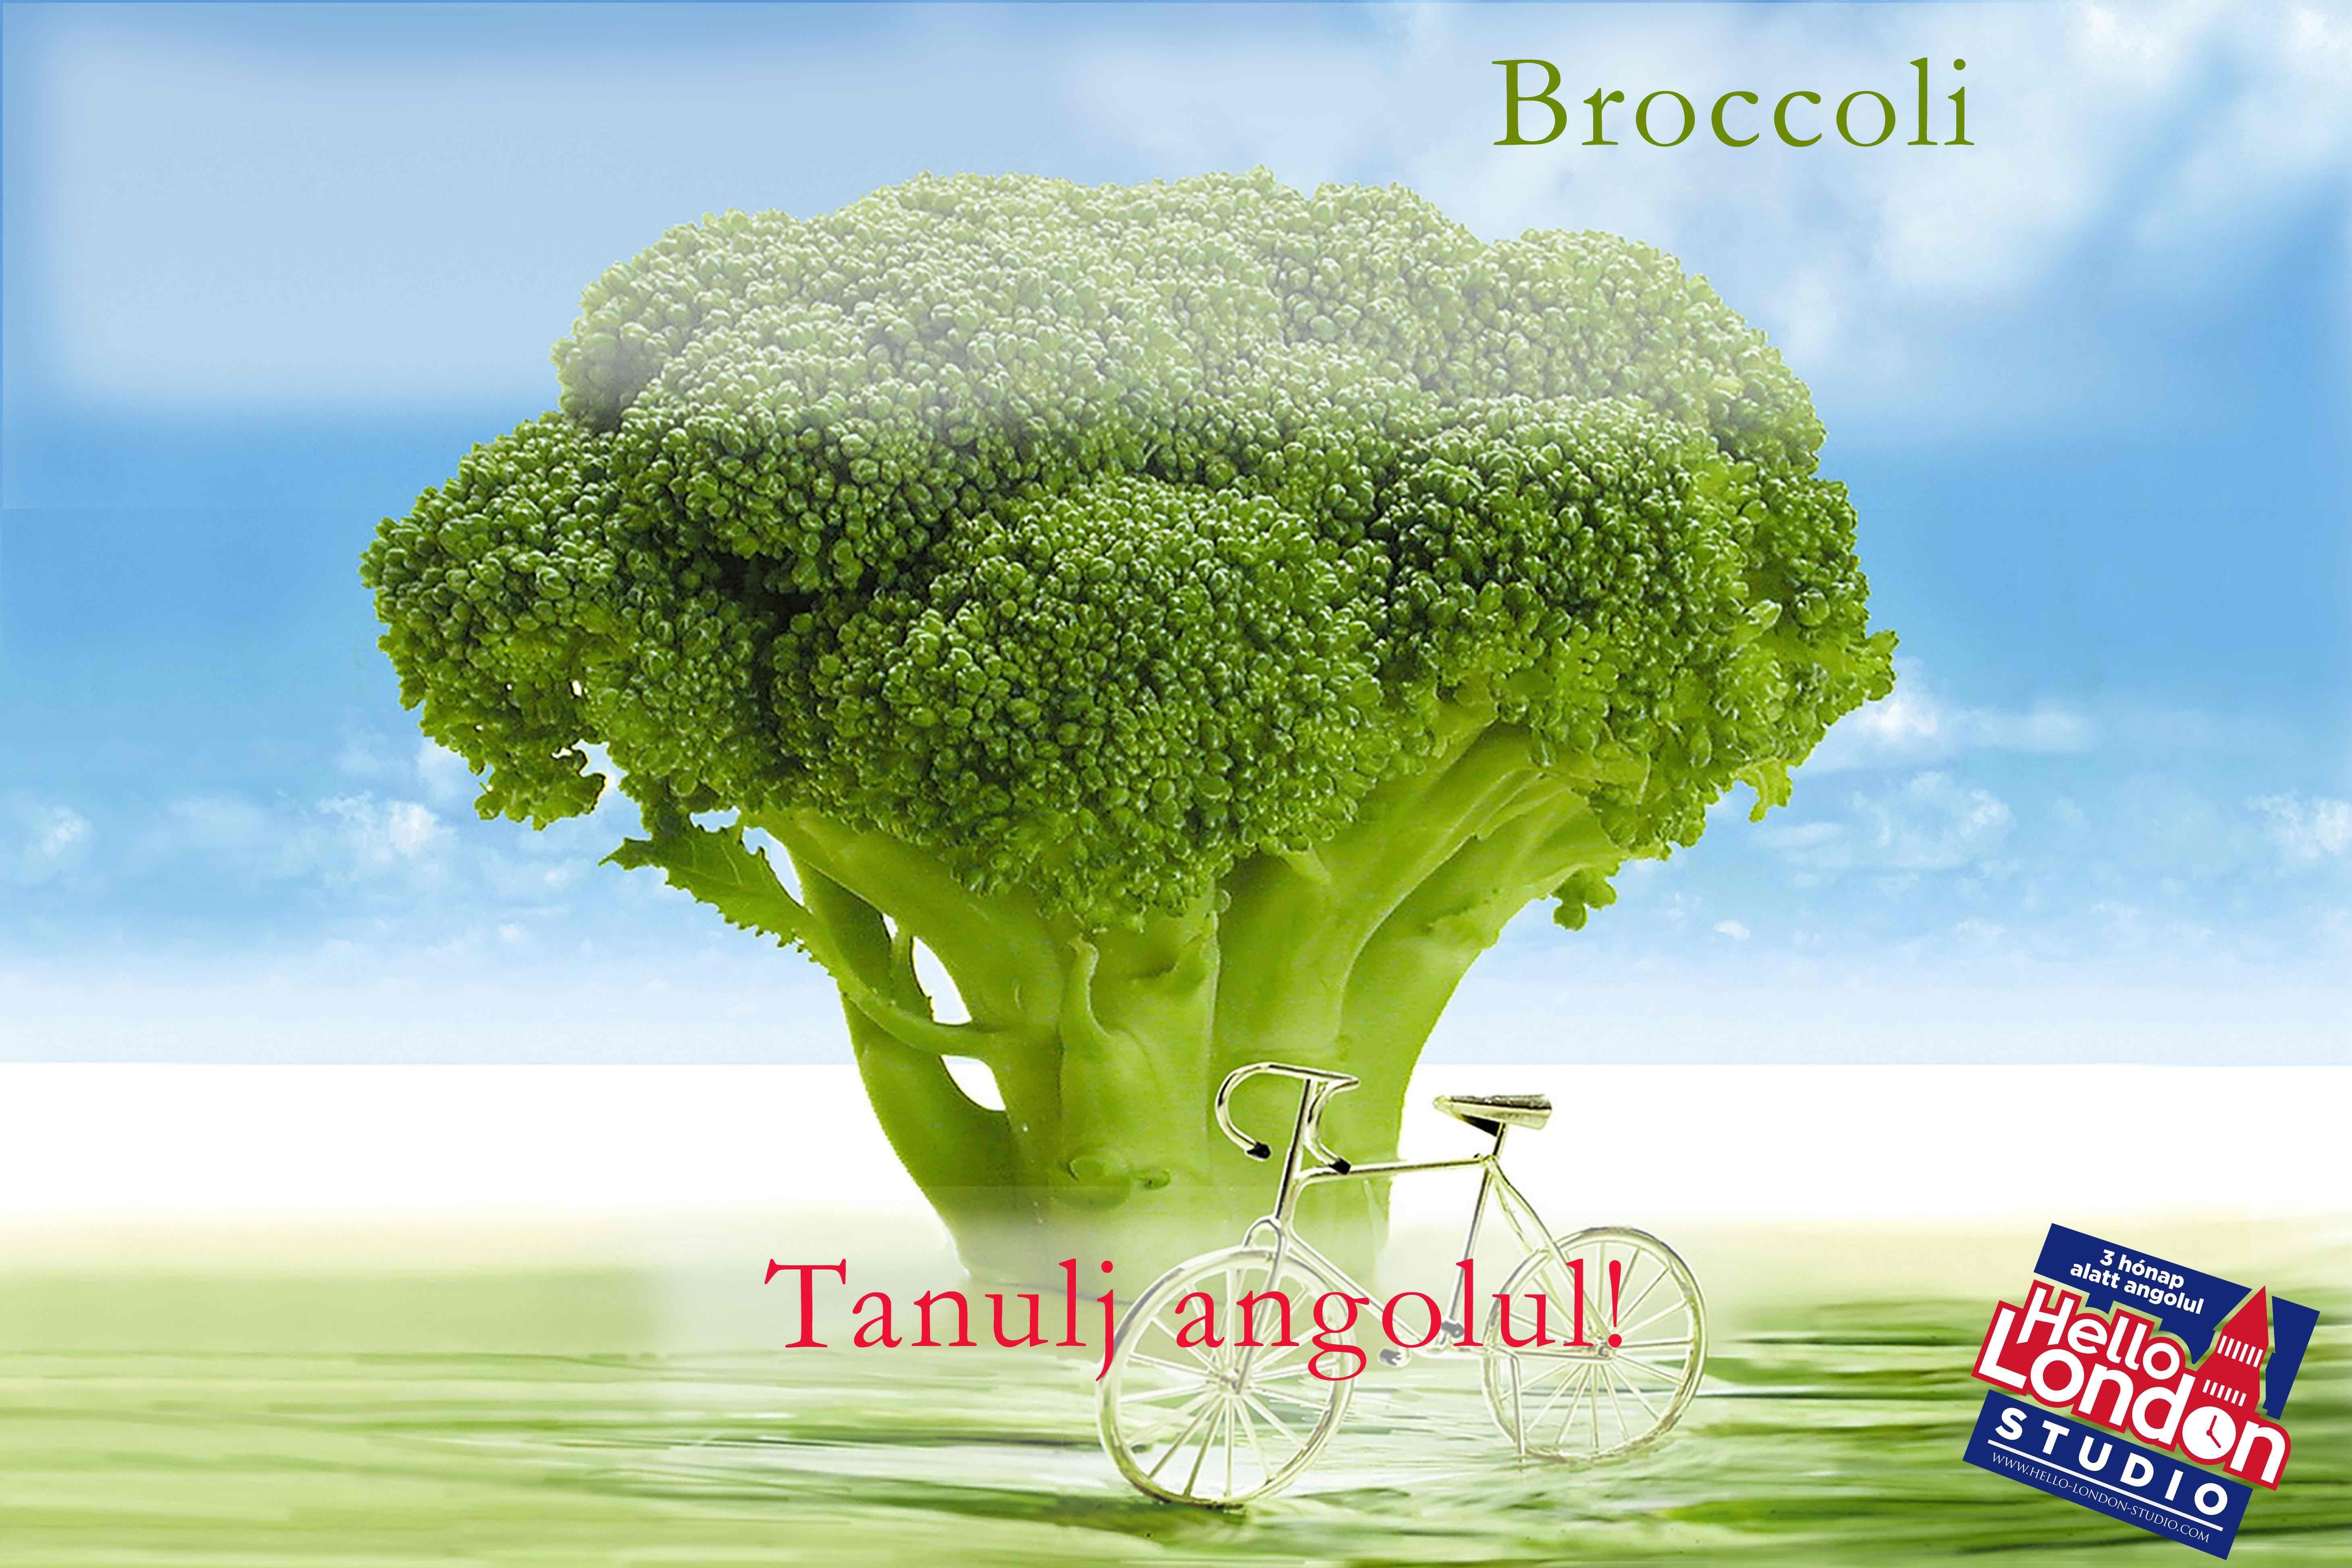 angol felkészítési specialista Broccoli health benefits